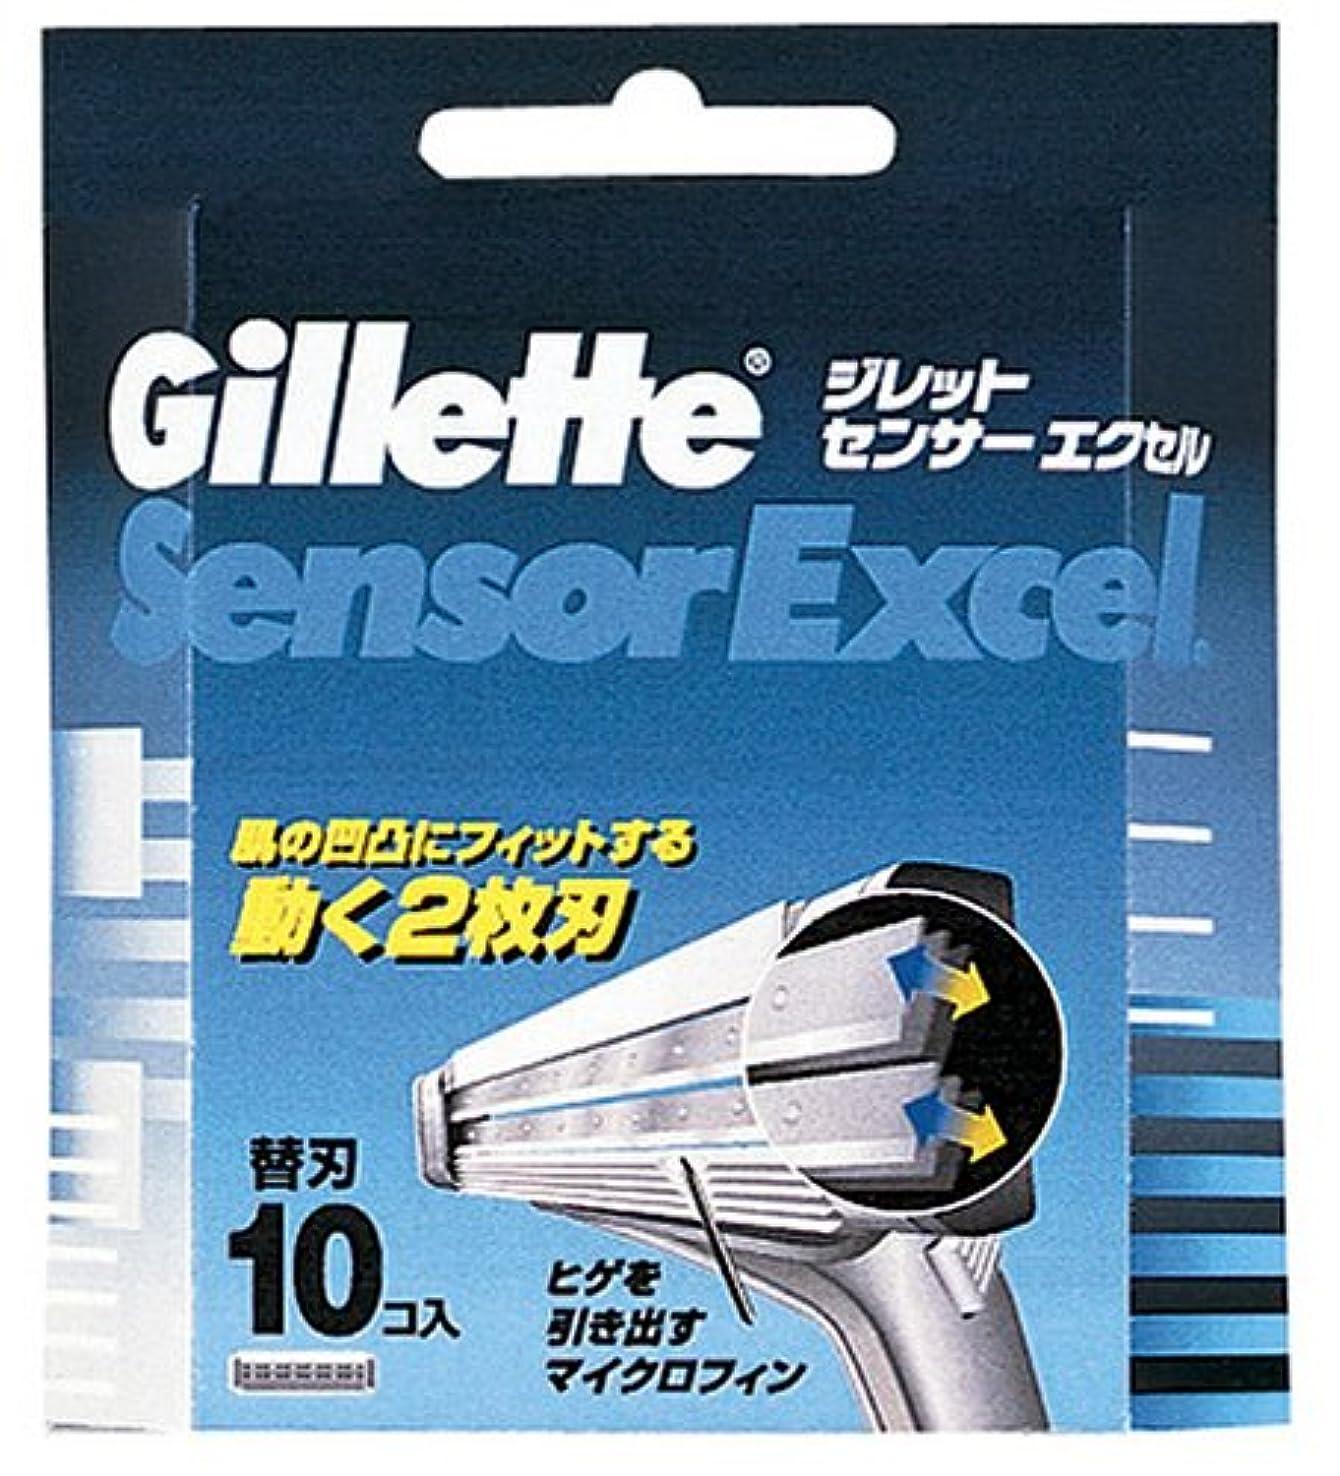 低下証言十分なジレット 髭剃り D58センサーエクセル専用替刃10個入